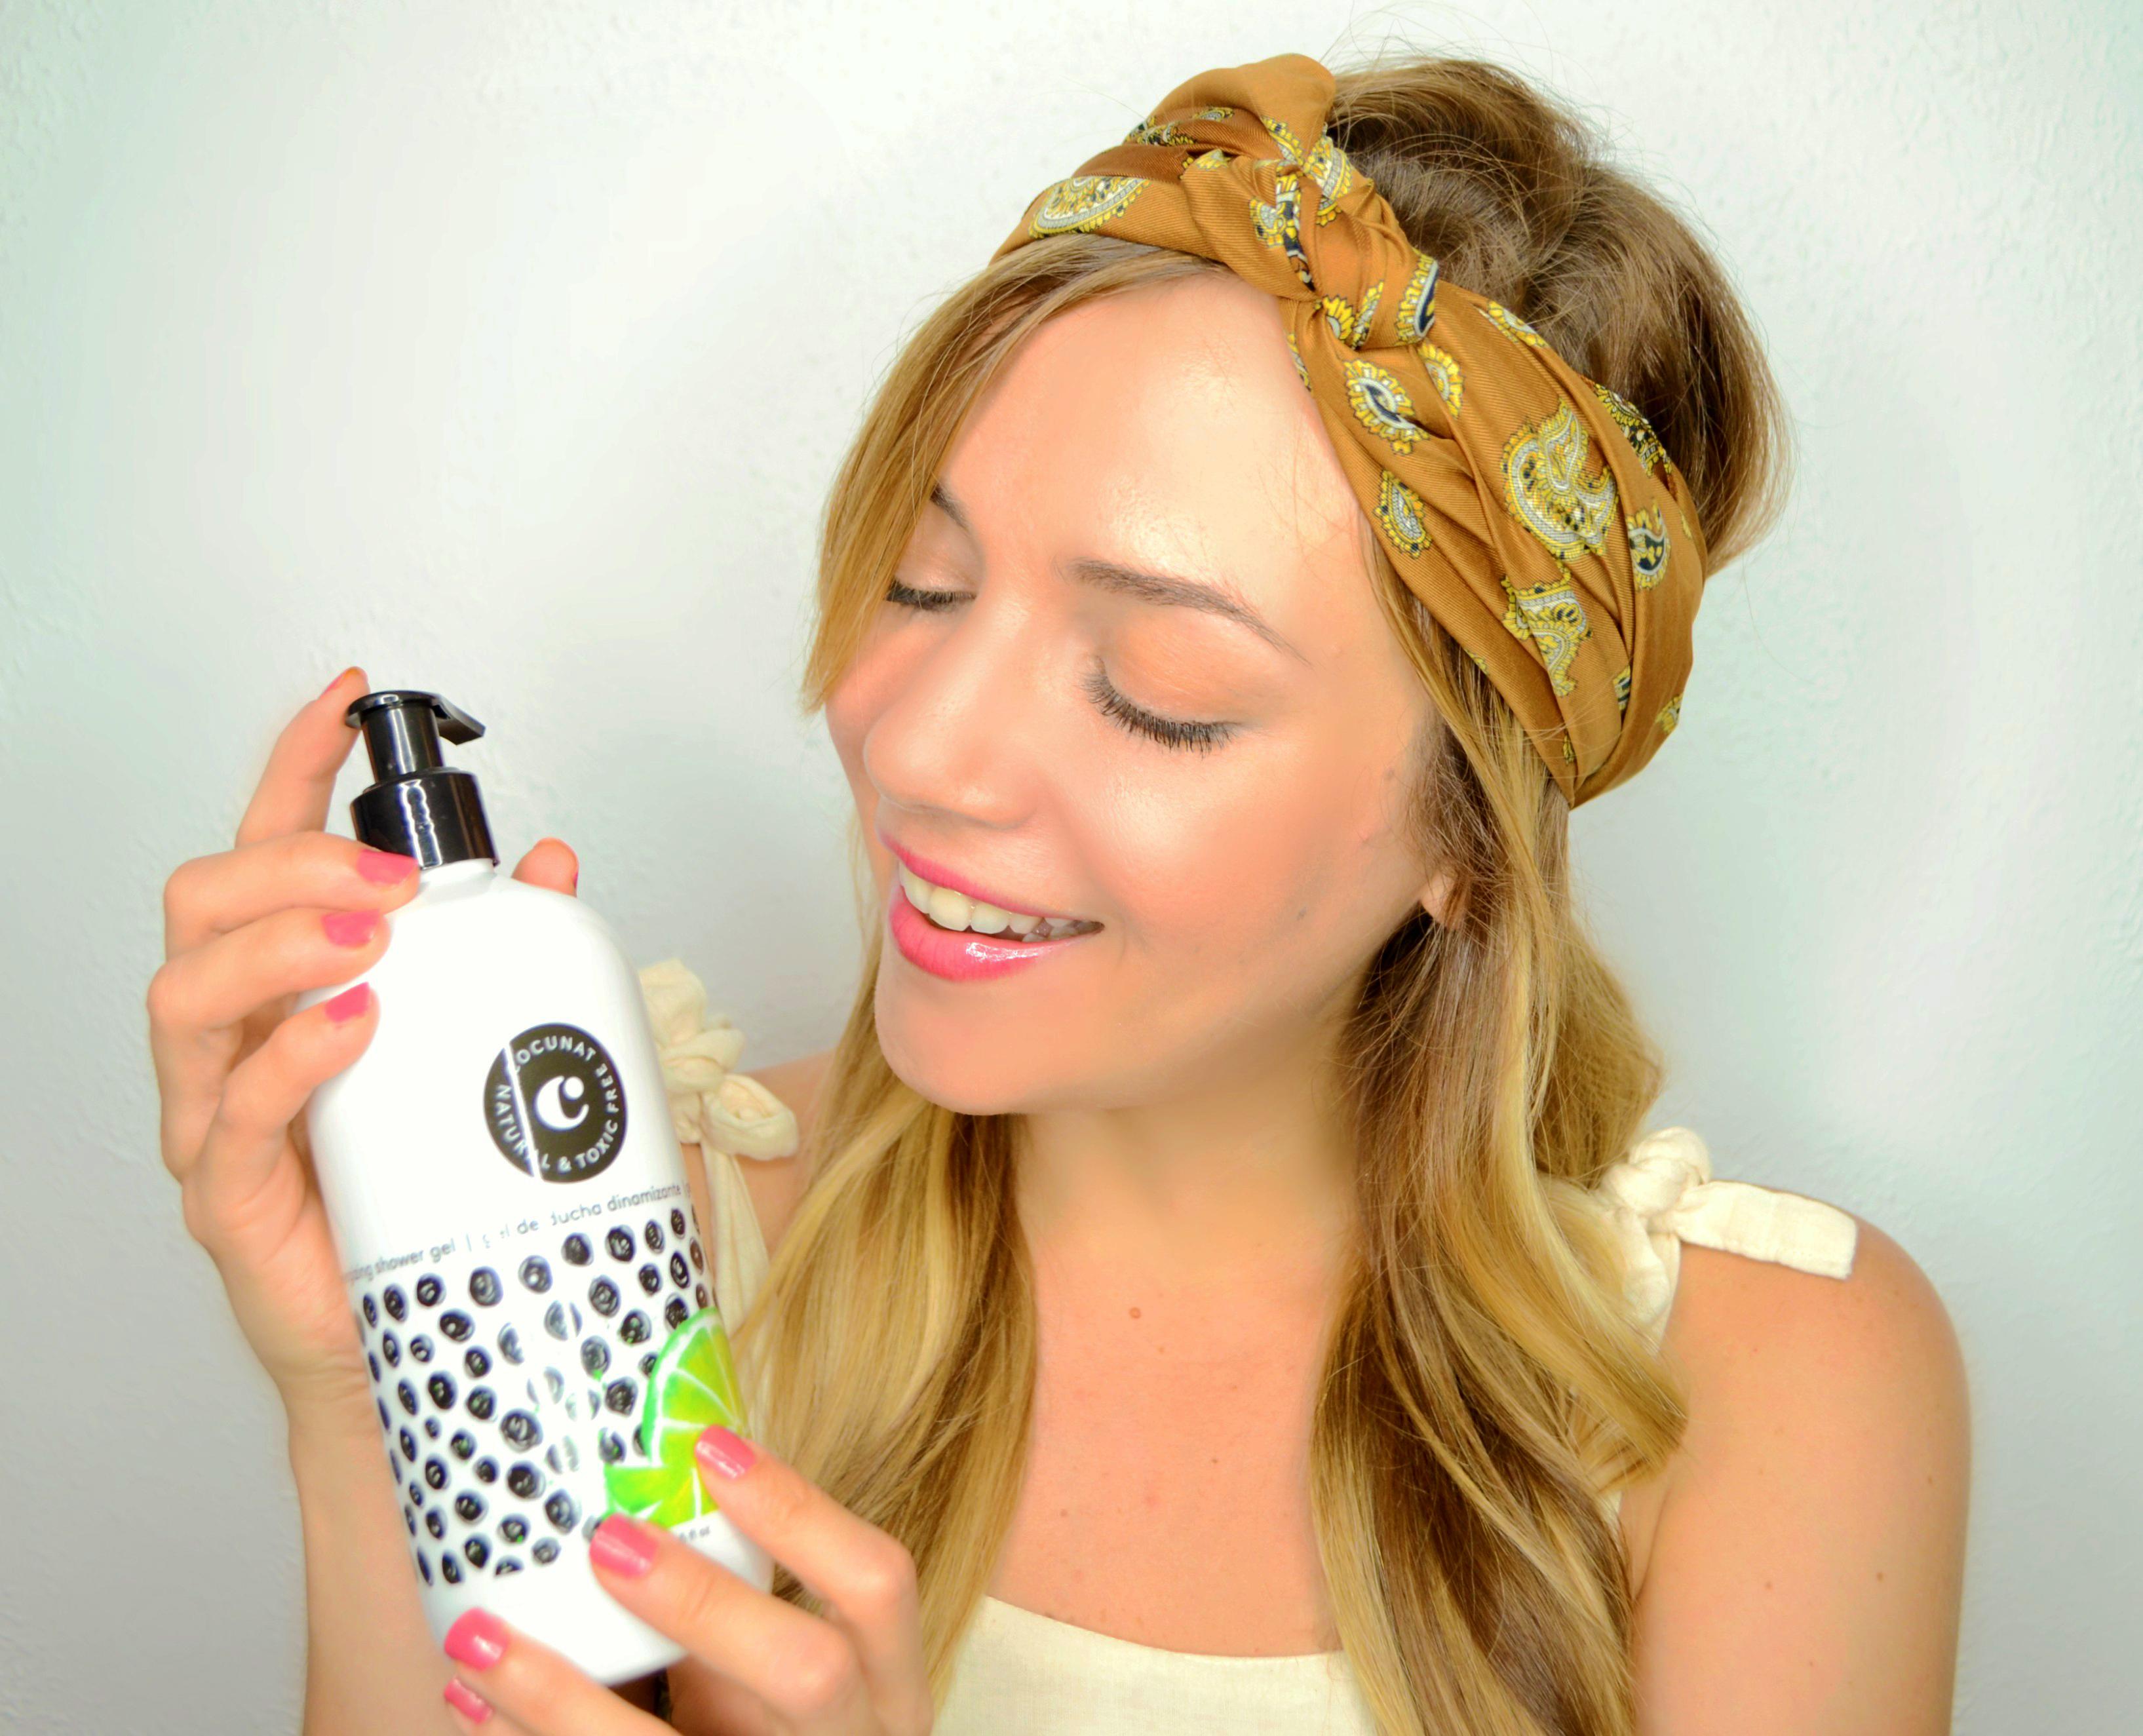 Chic-Adicta-blog-de-moda-influencer-Cocunat-ChicAdicta-gel-de-ducha-dinamizante-PiensaenChic-Piensa-en-Chic